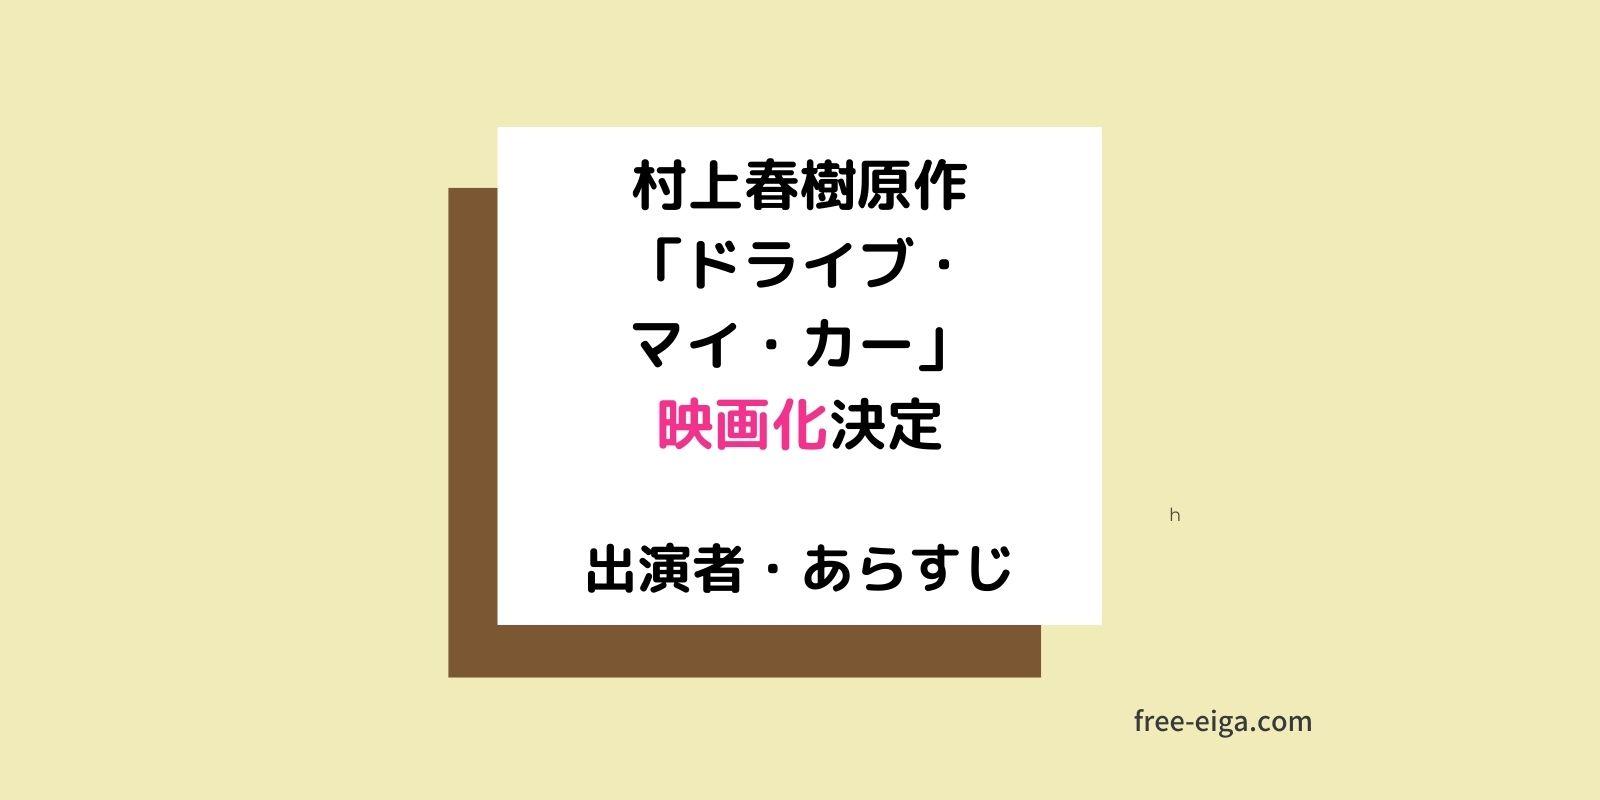 村上春樹原作「ドライブ・マイ・カー」映画化決定。出演者やあらすじ情報